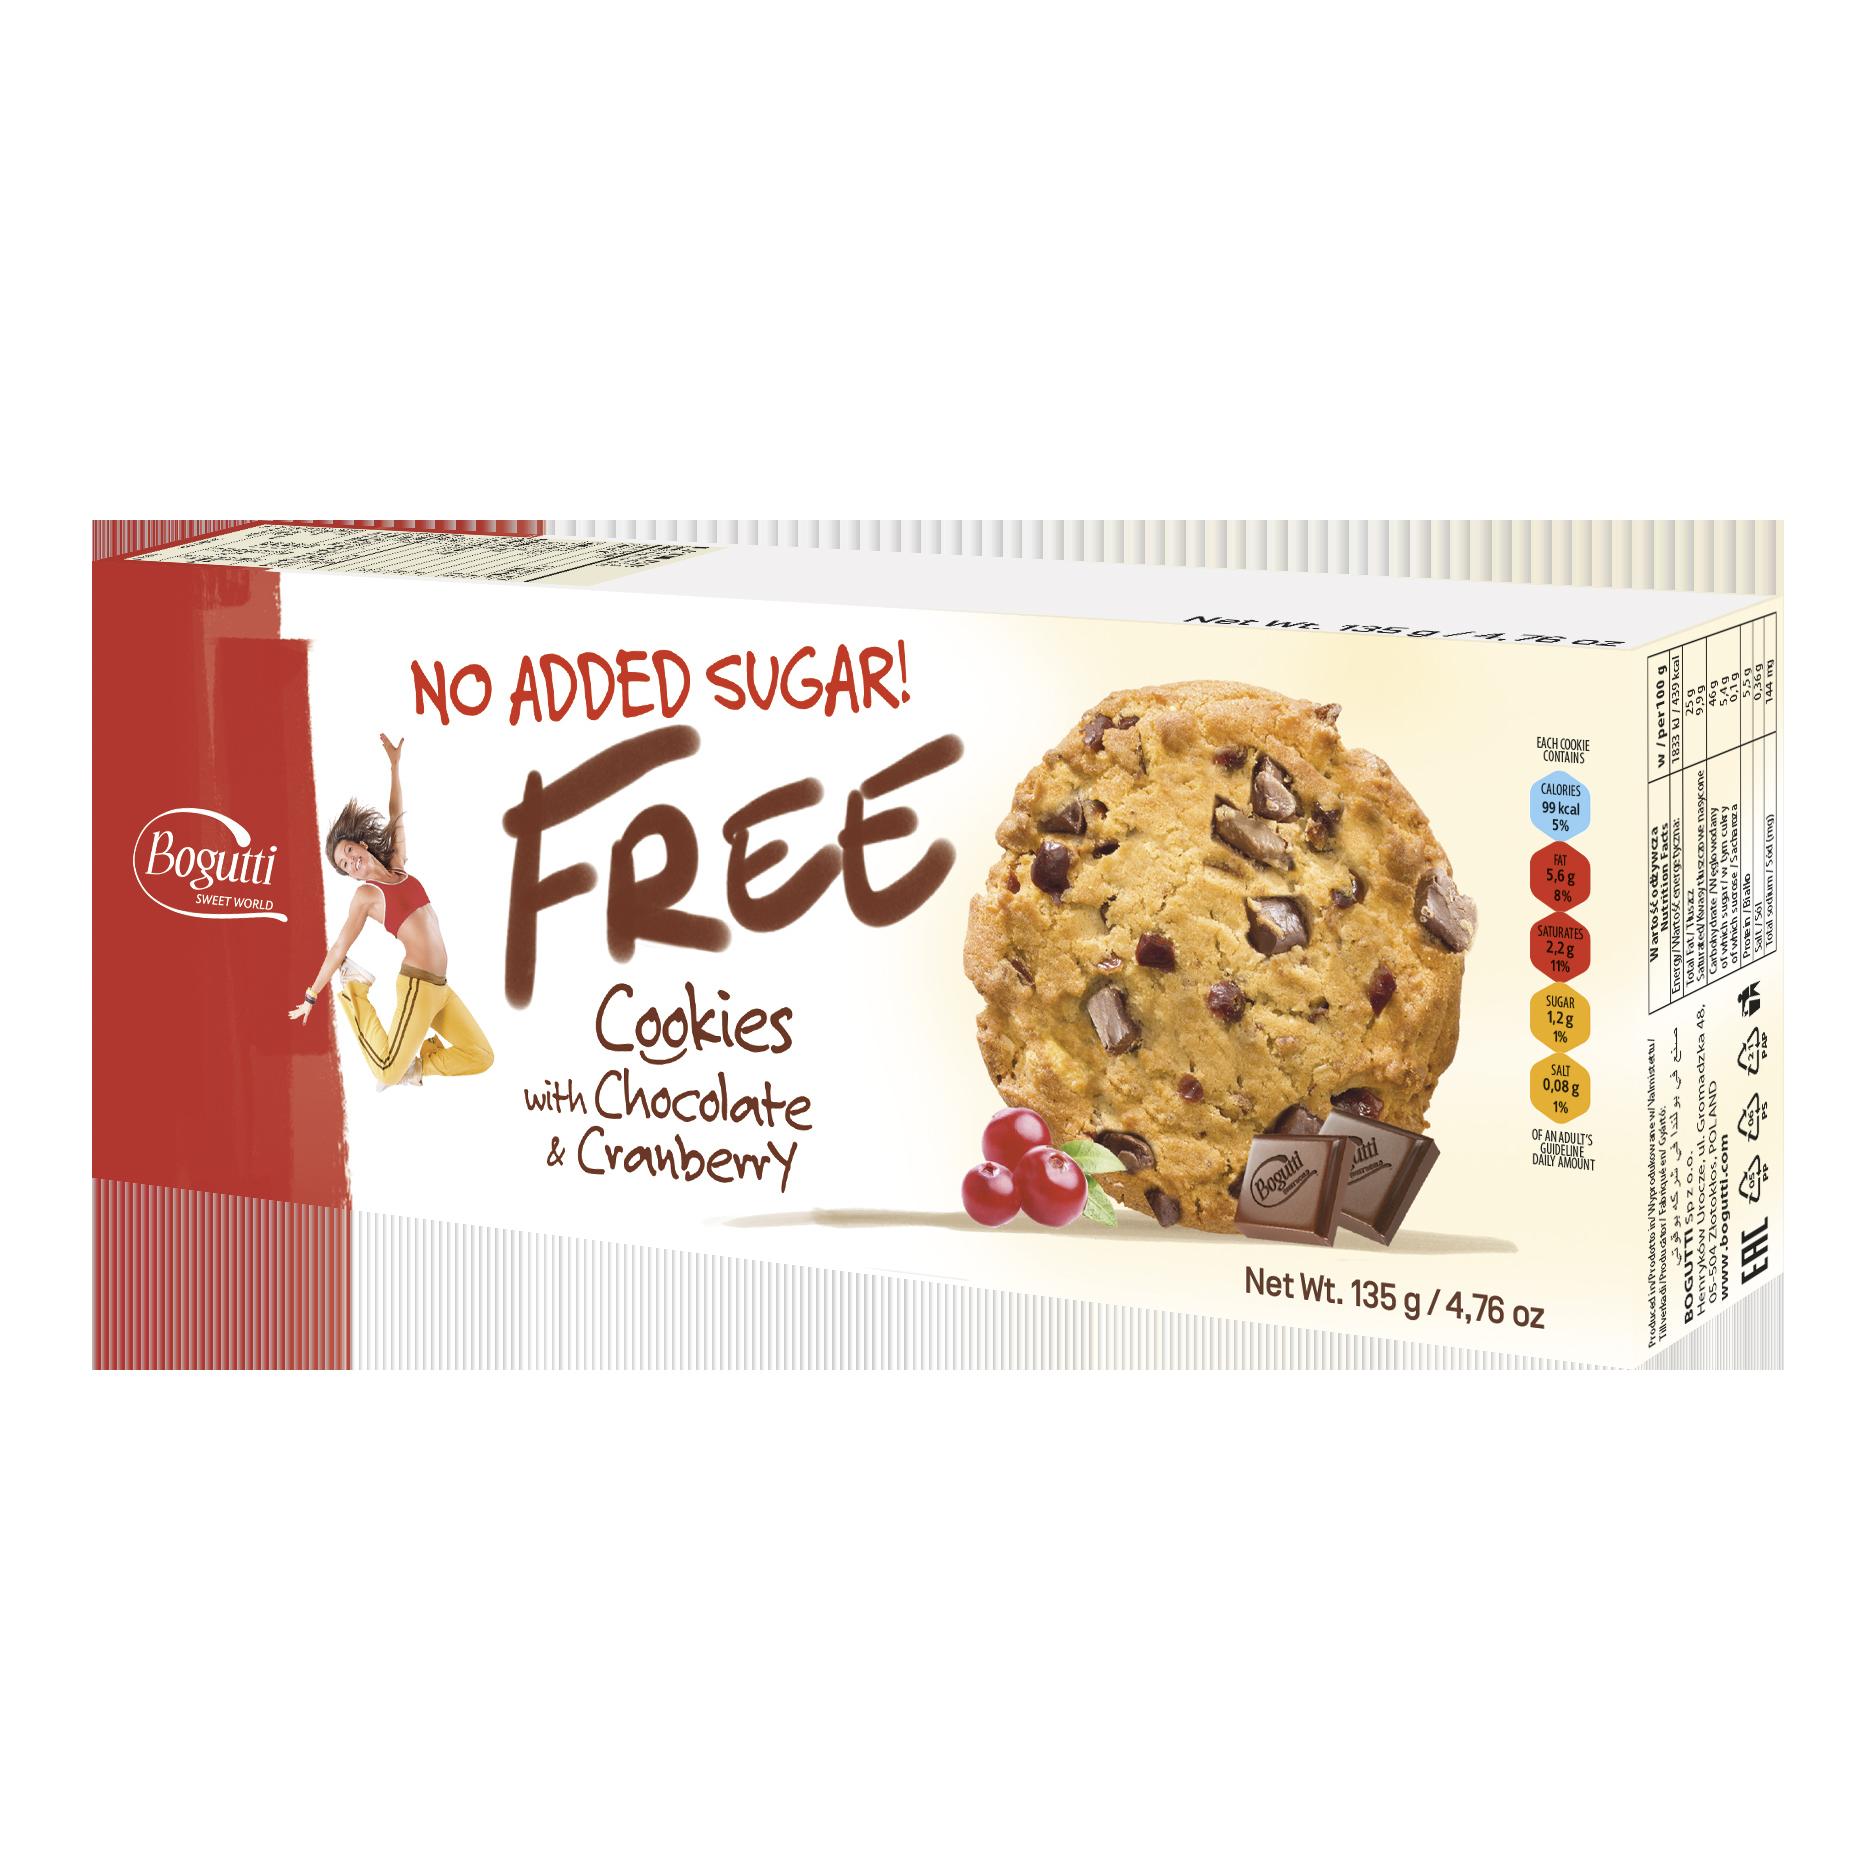 FREE – خالٍ من السكر المضاف كوكيز بالشوكولاتة والتوت البري